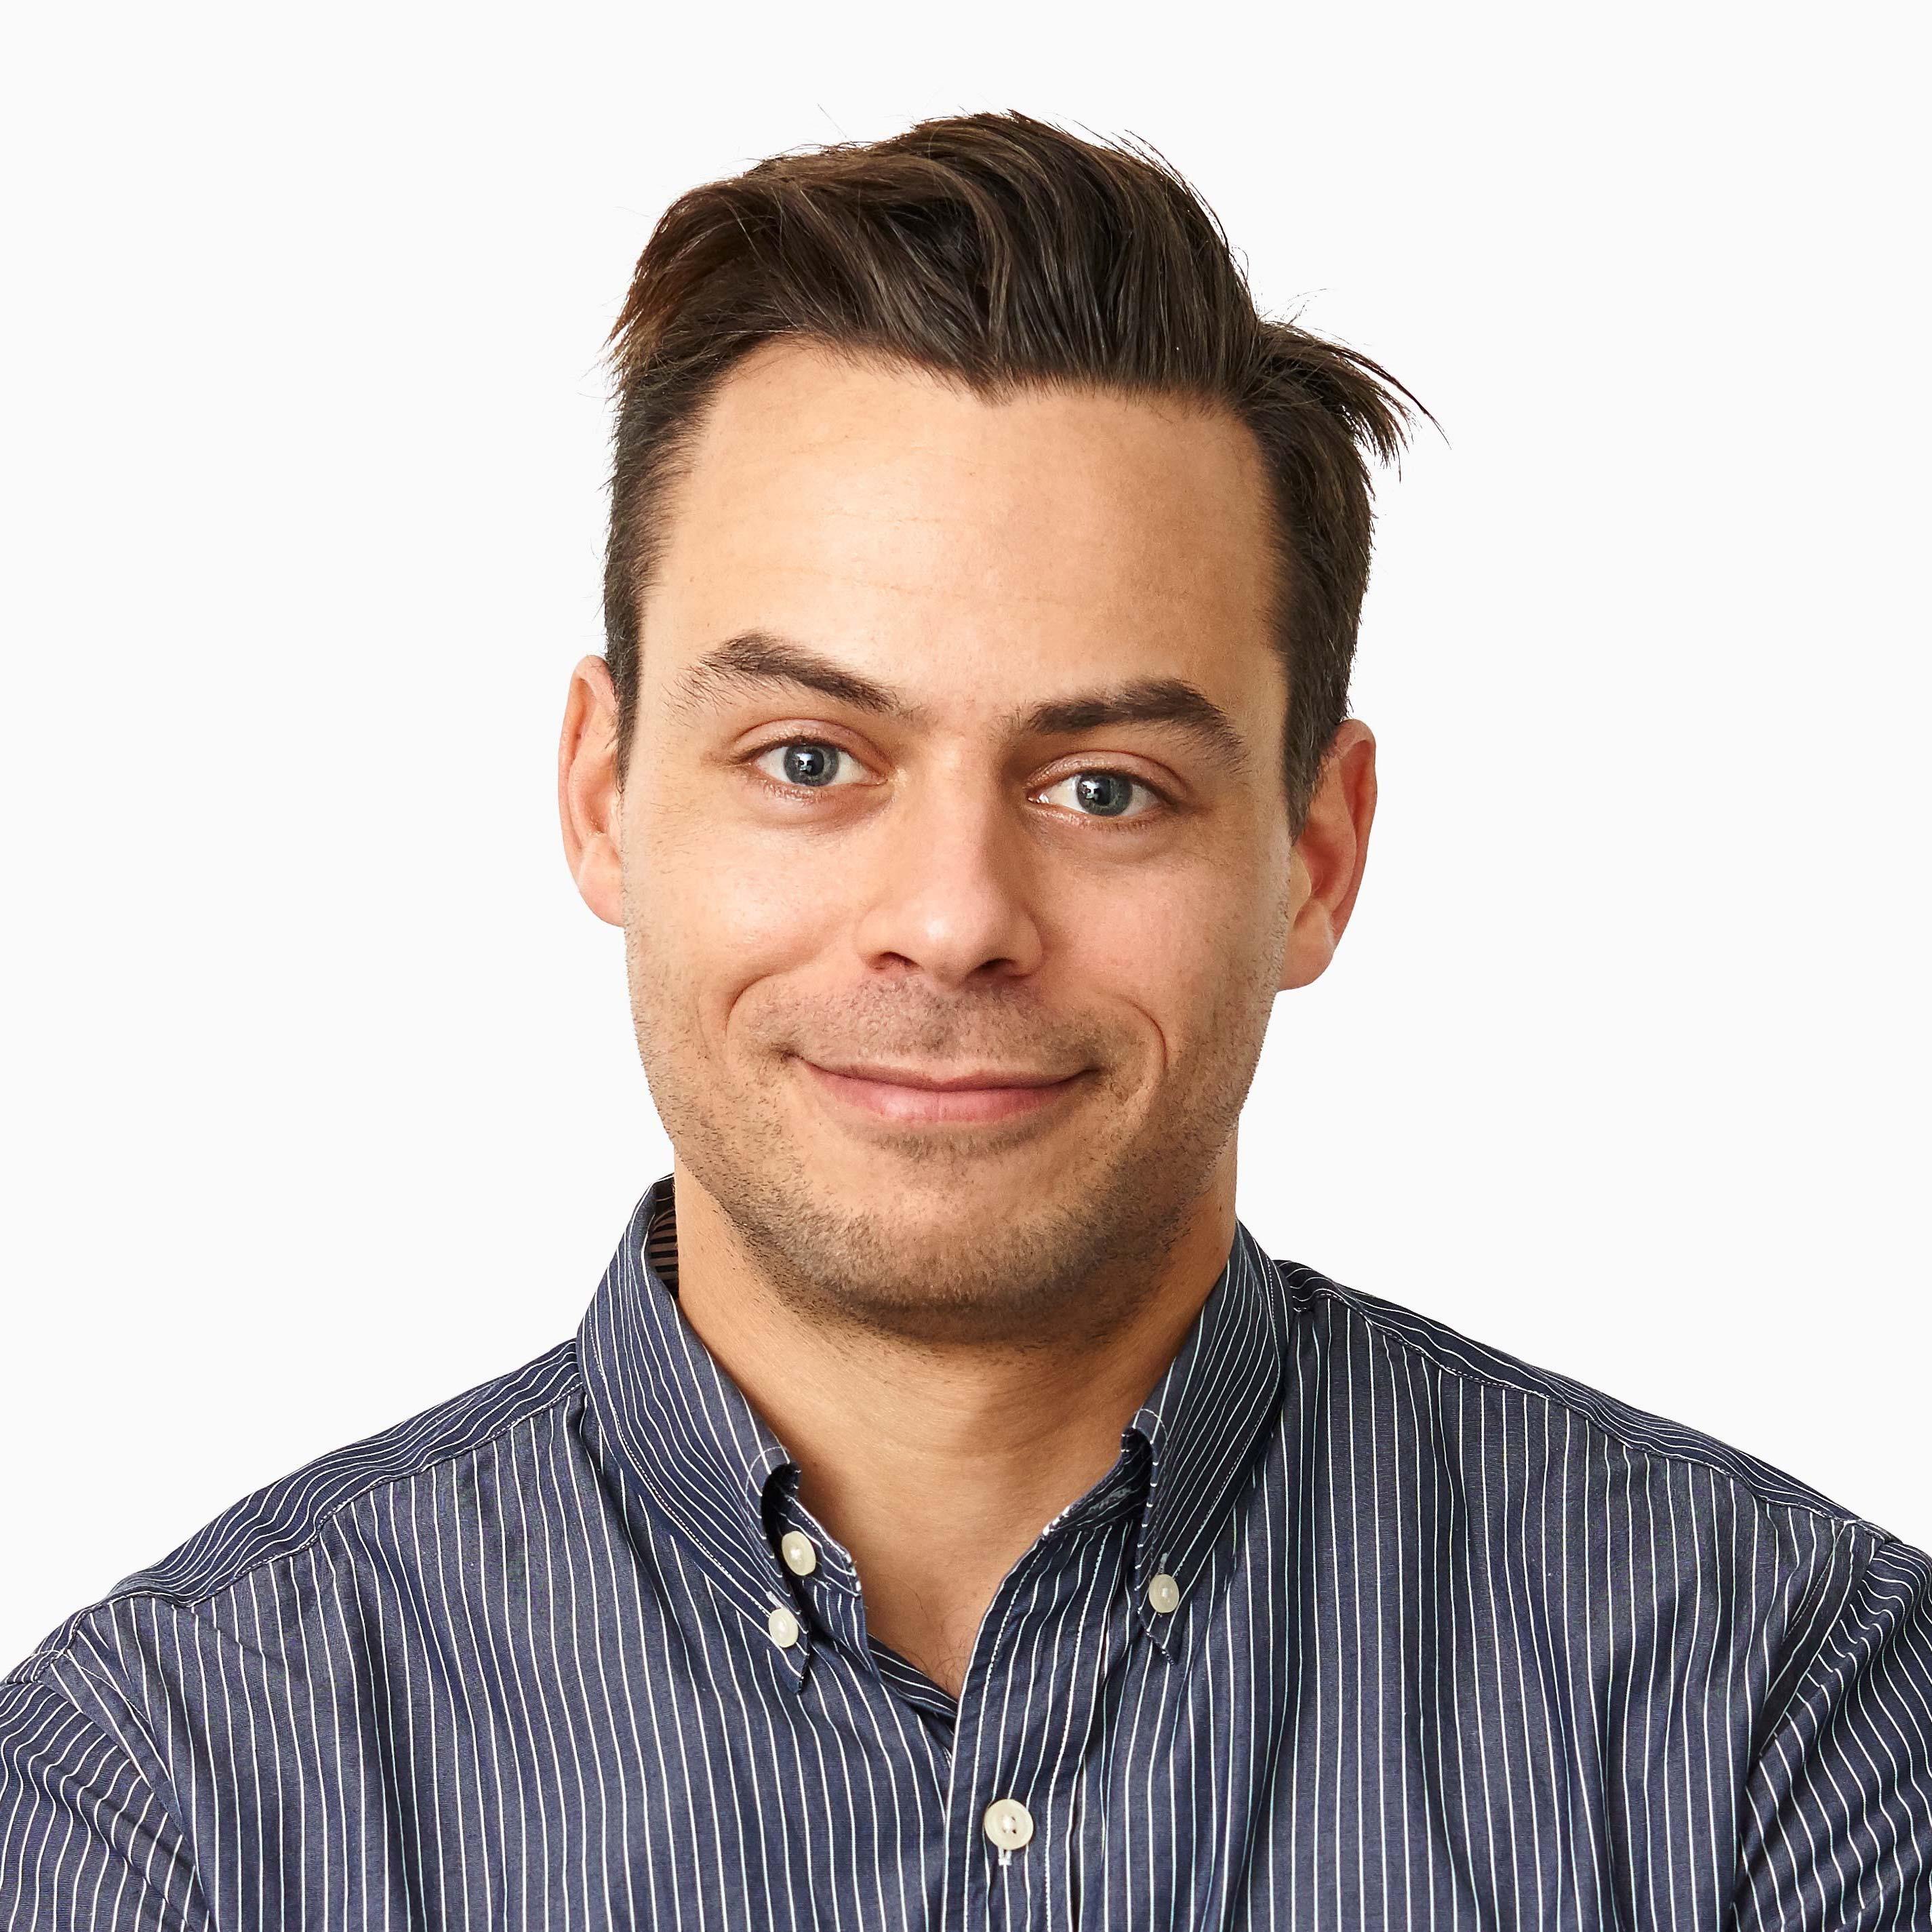 Aaron Krane